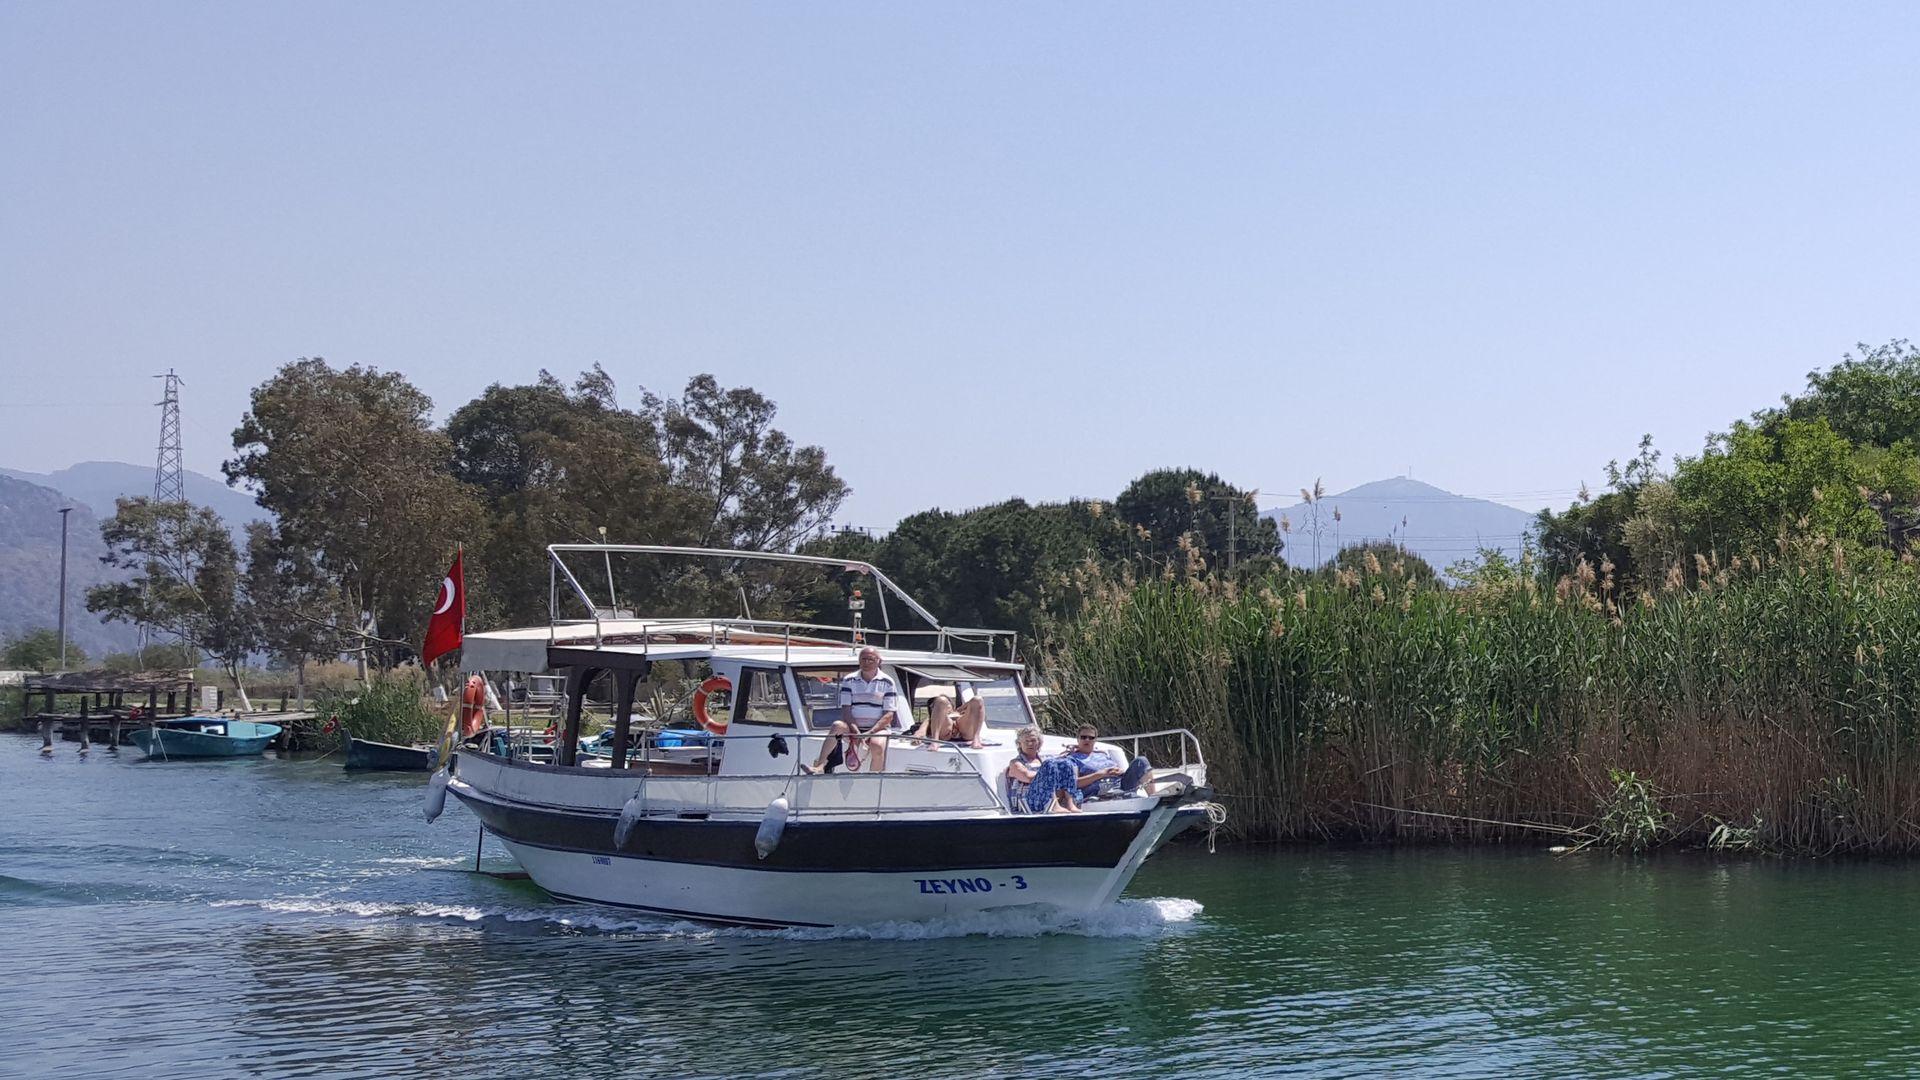 Кораблик возвращается с экскурсии на пляж Изтузу